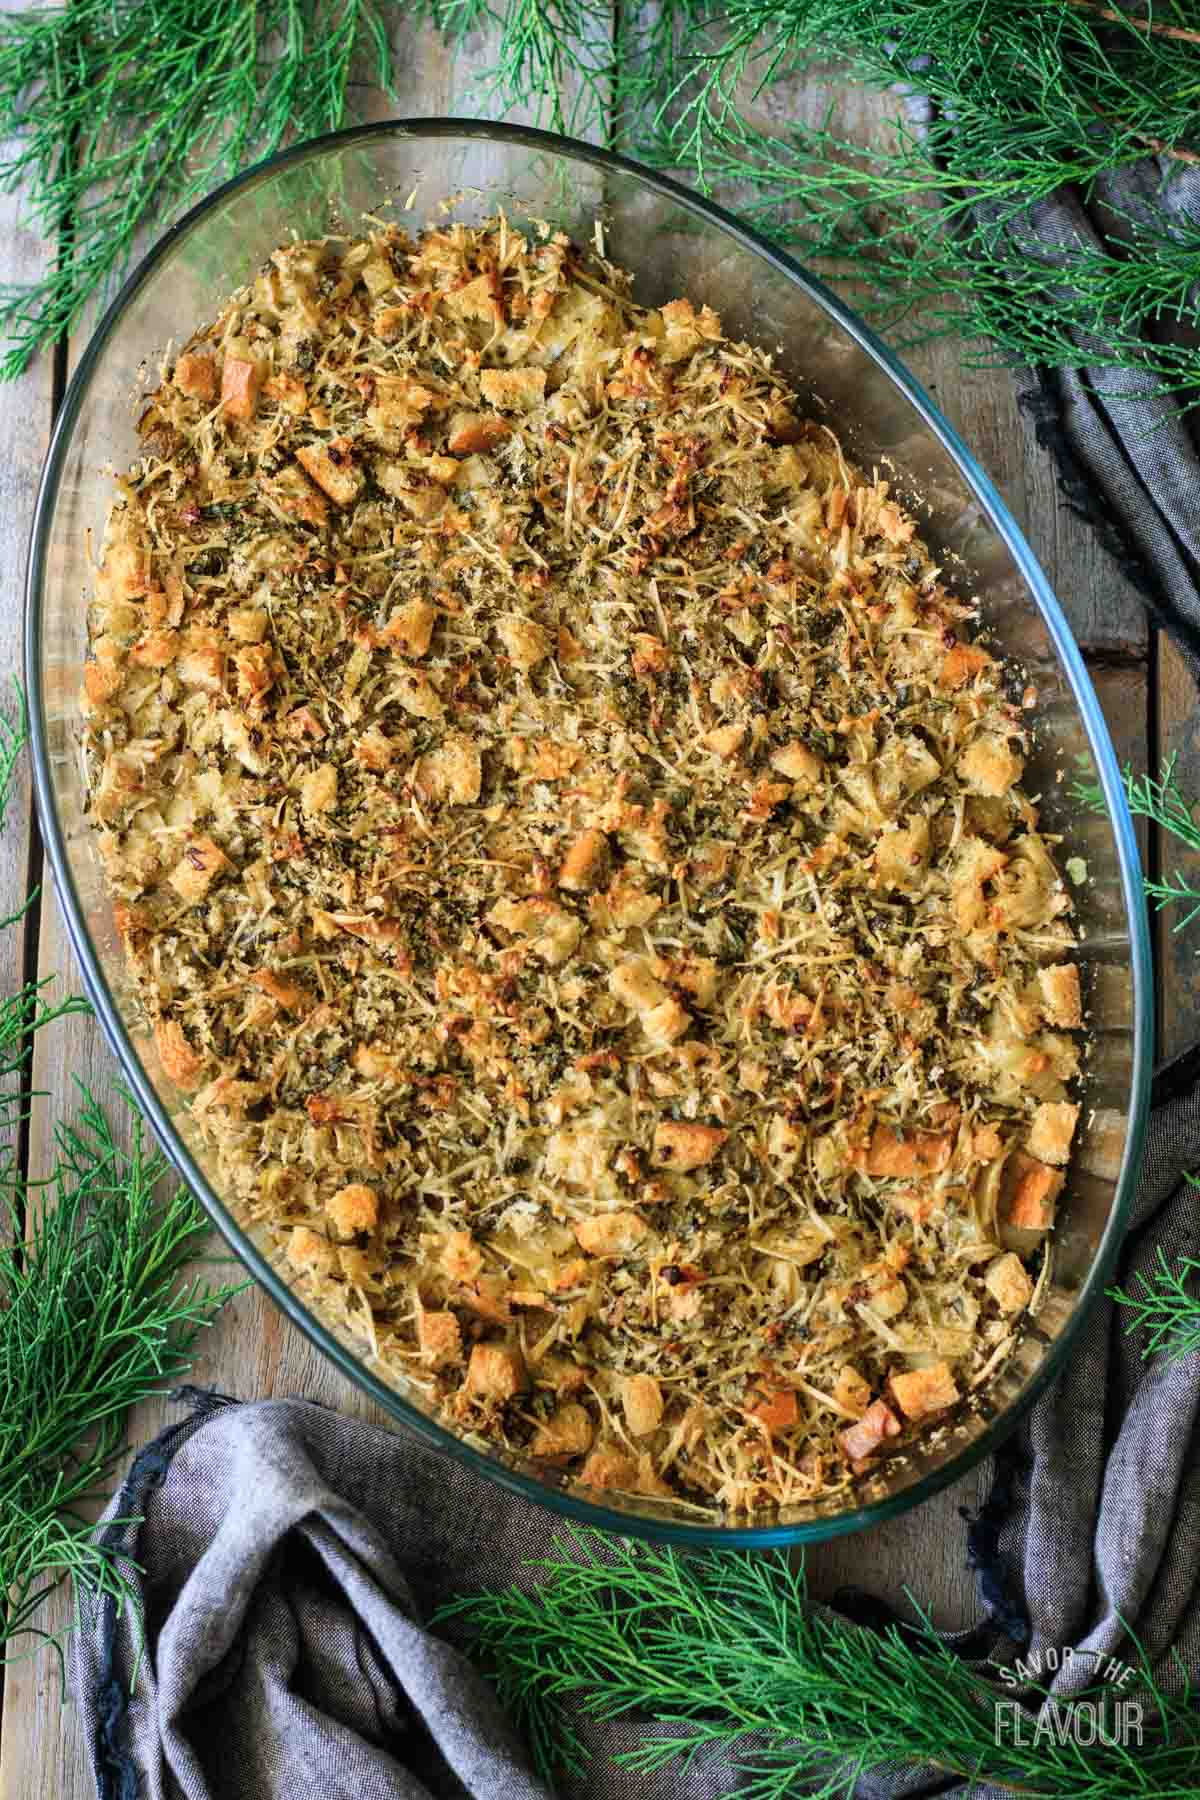 baked artichoke hearts in a casserole dish